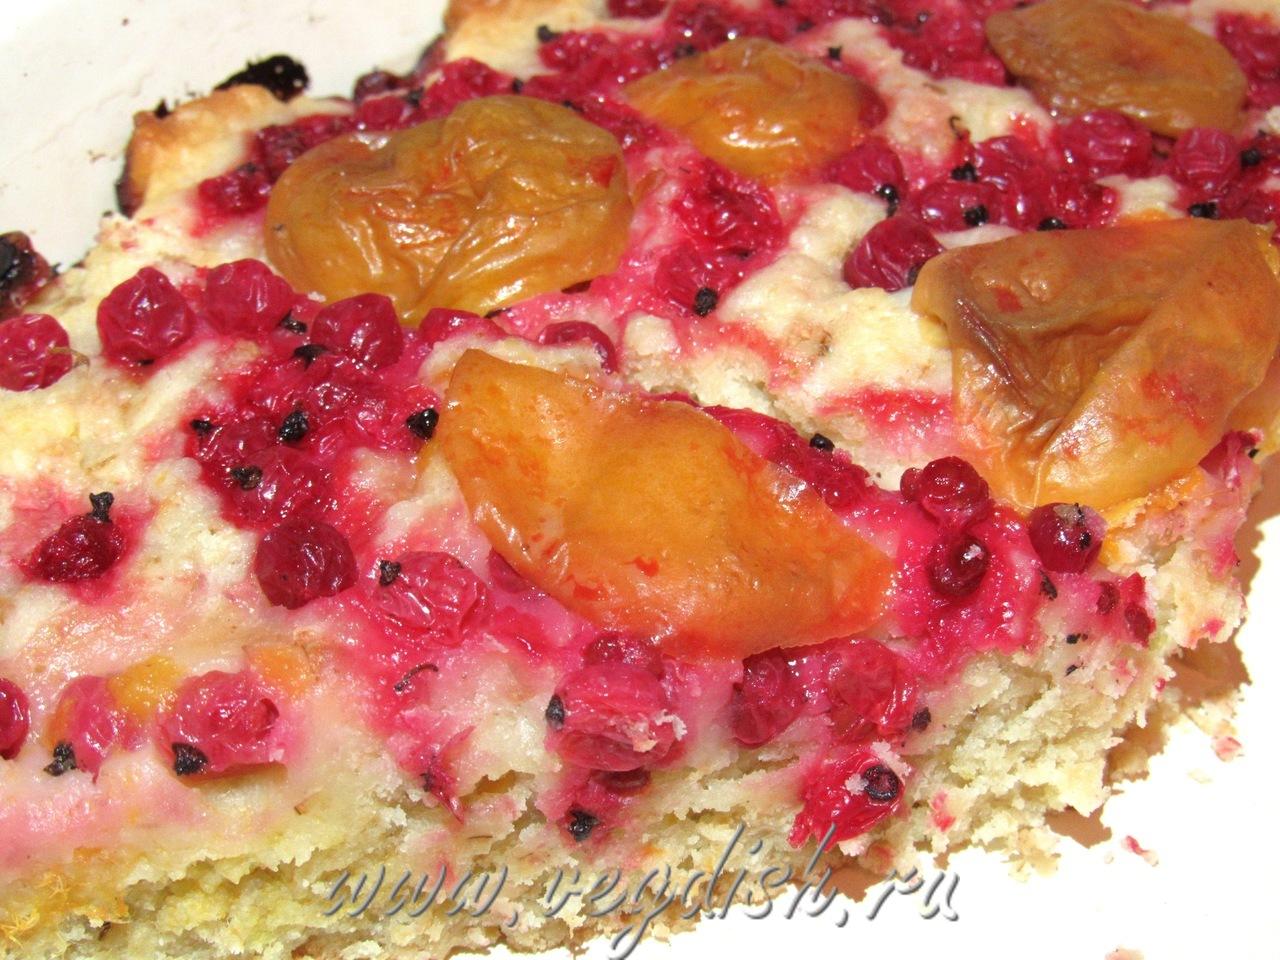 Пирог с ягодами рецепты простые в домашних условиях